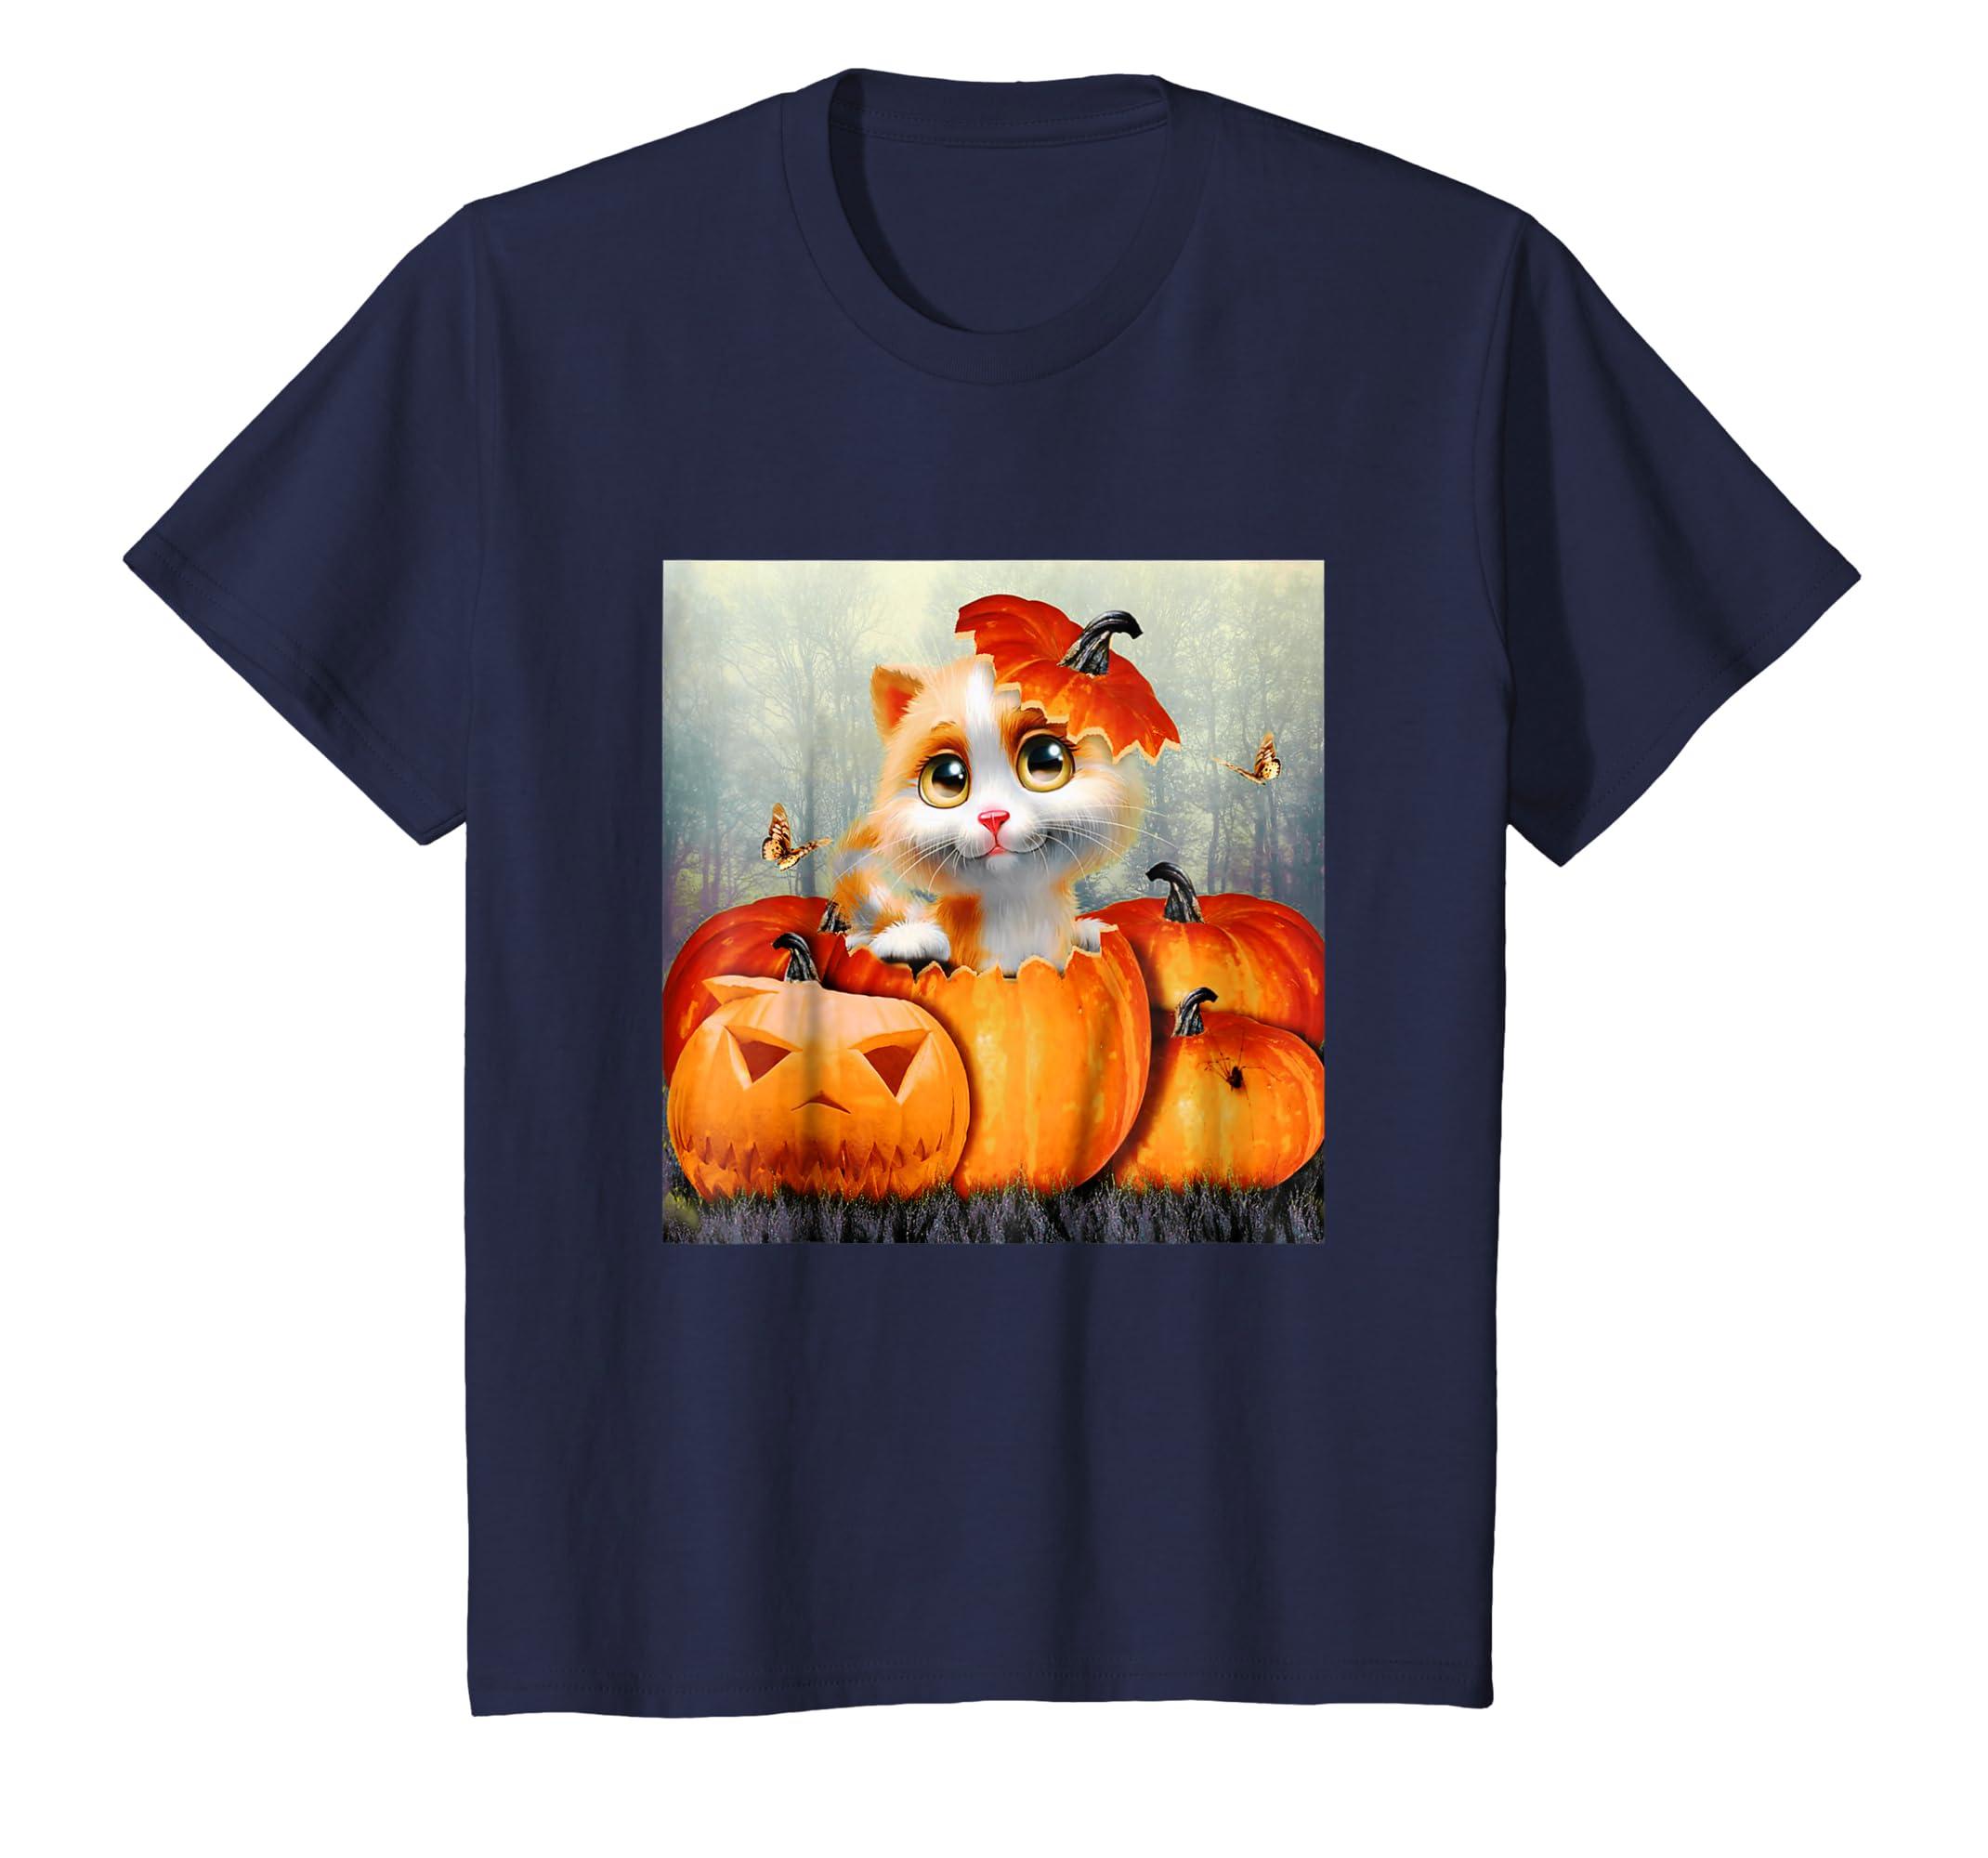 2018 Halloween Shirt Cat Halloween Shirt Pumpkin Halloween